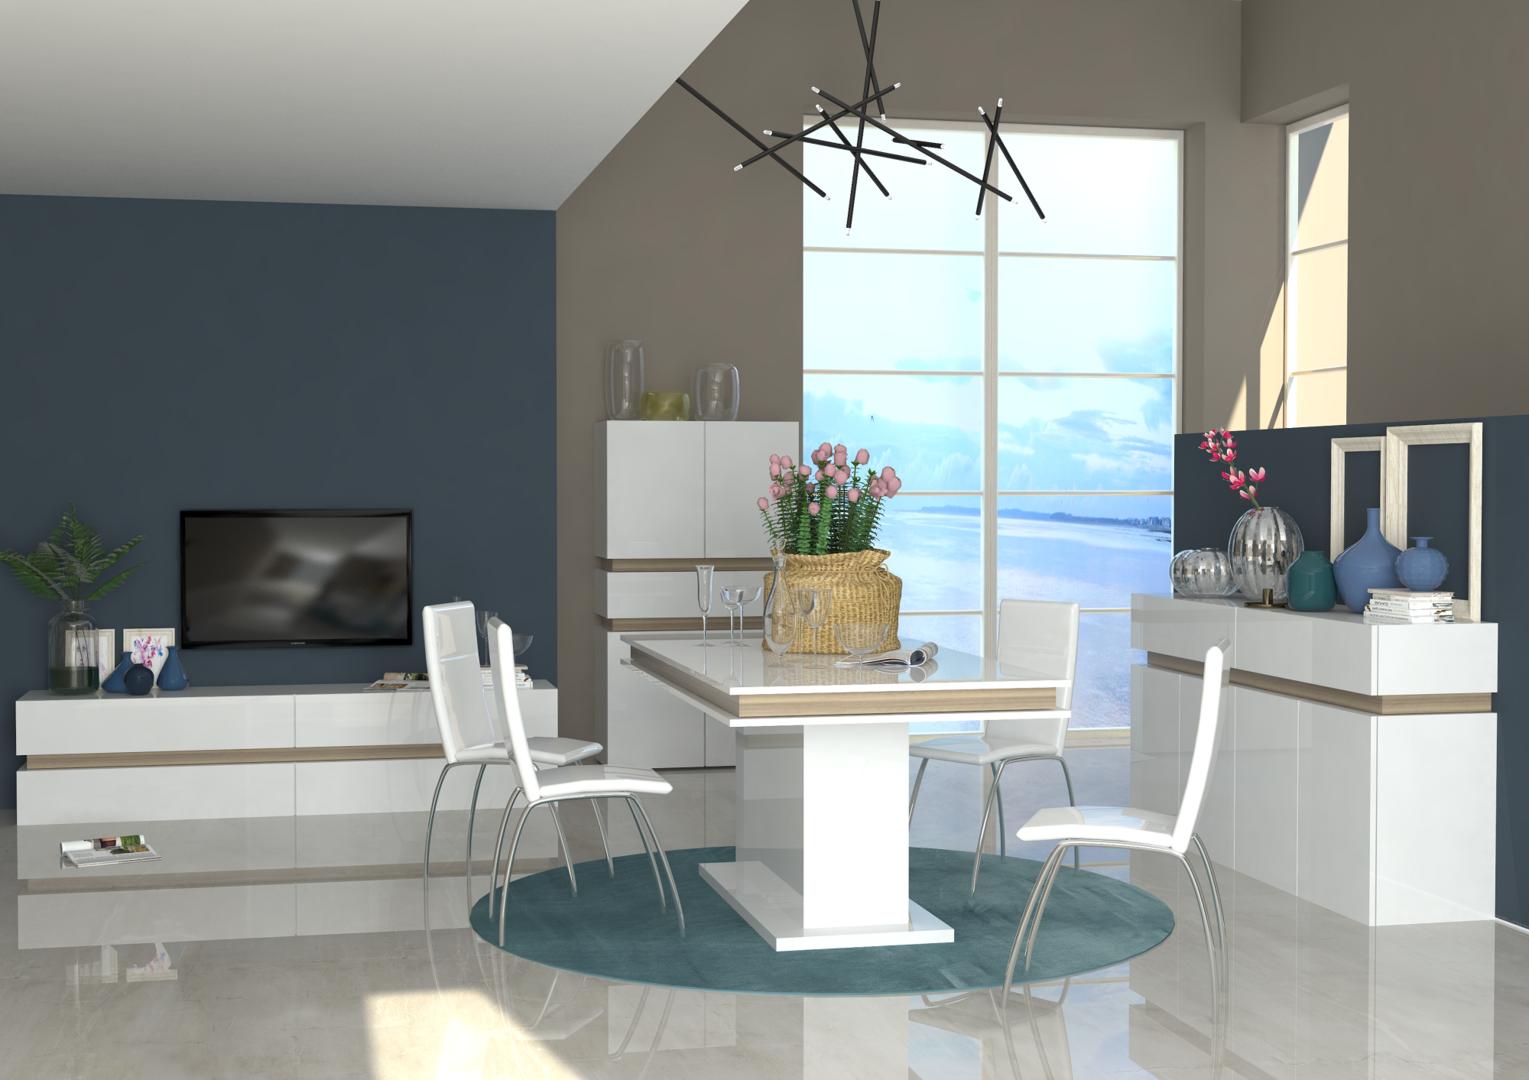 Tavolo collezione grecia per cucina sala da pranzo soggiorno for Sala soggiorno